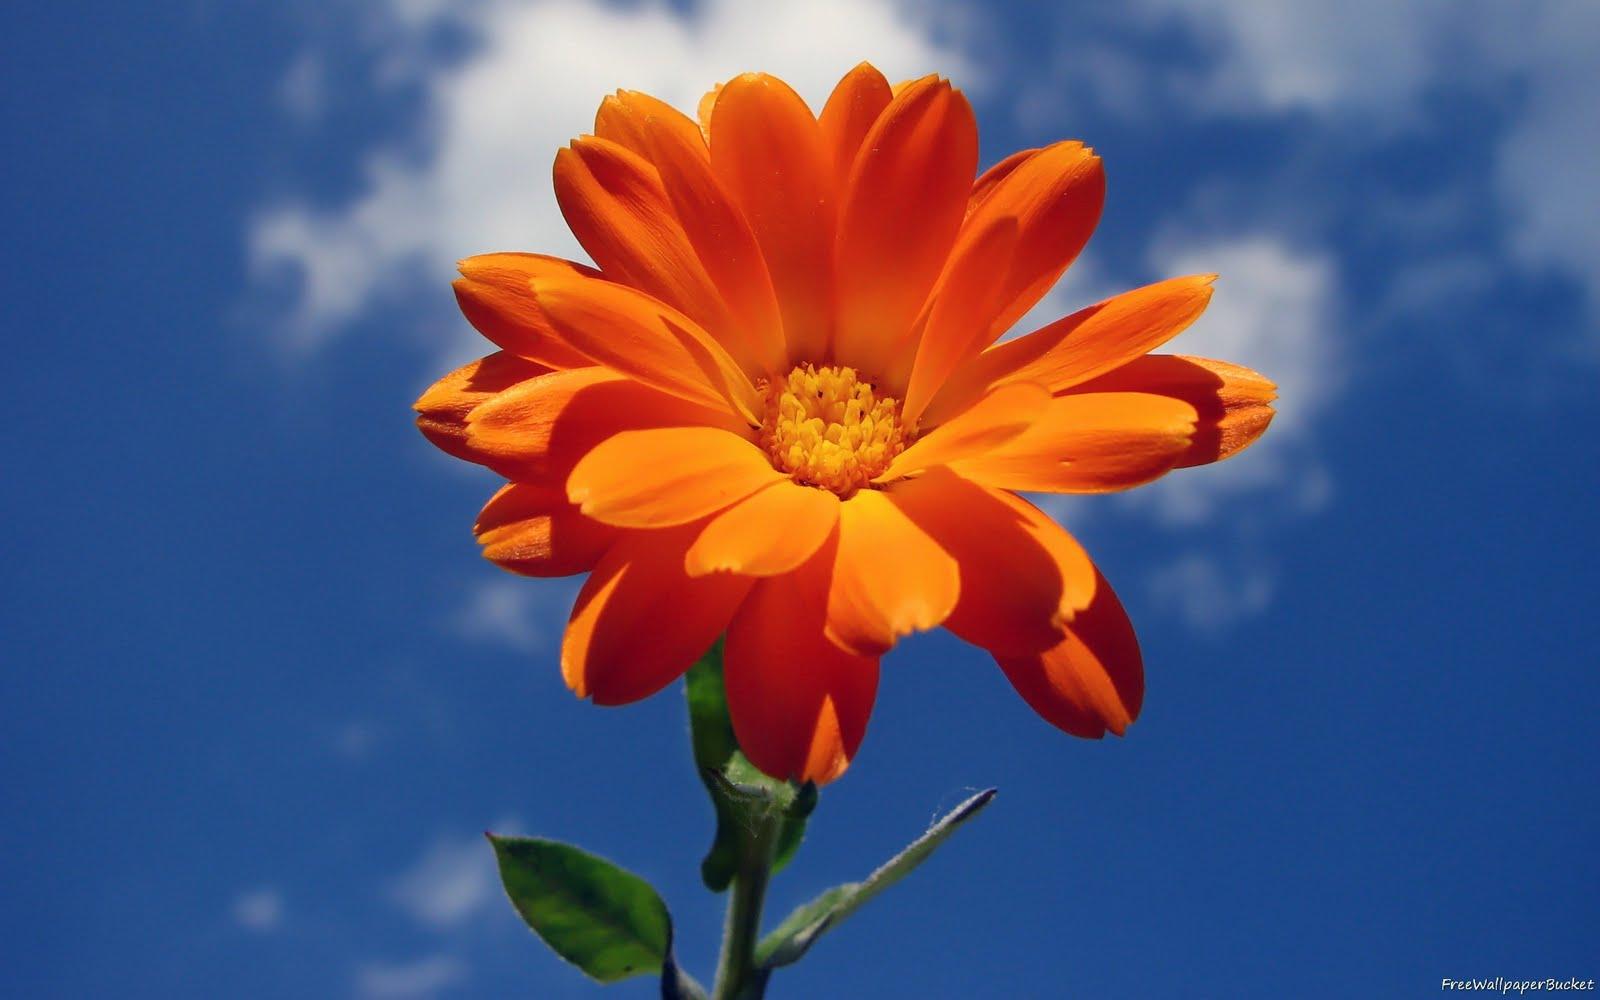 http://4.bp.blogspot.com/-5tZbJIF-Fpo/TbP0DOi2RXI/AAAAAAAAB6U/exh4wtP2ZmA/s1600/Flowers-Flower-Sky-Cloud-wallpapers00002.jpg